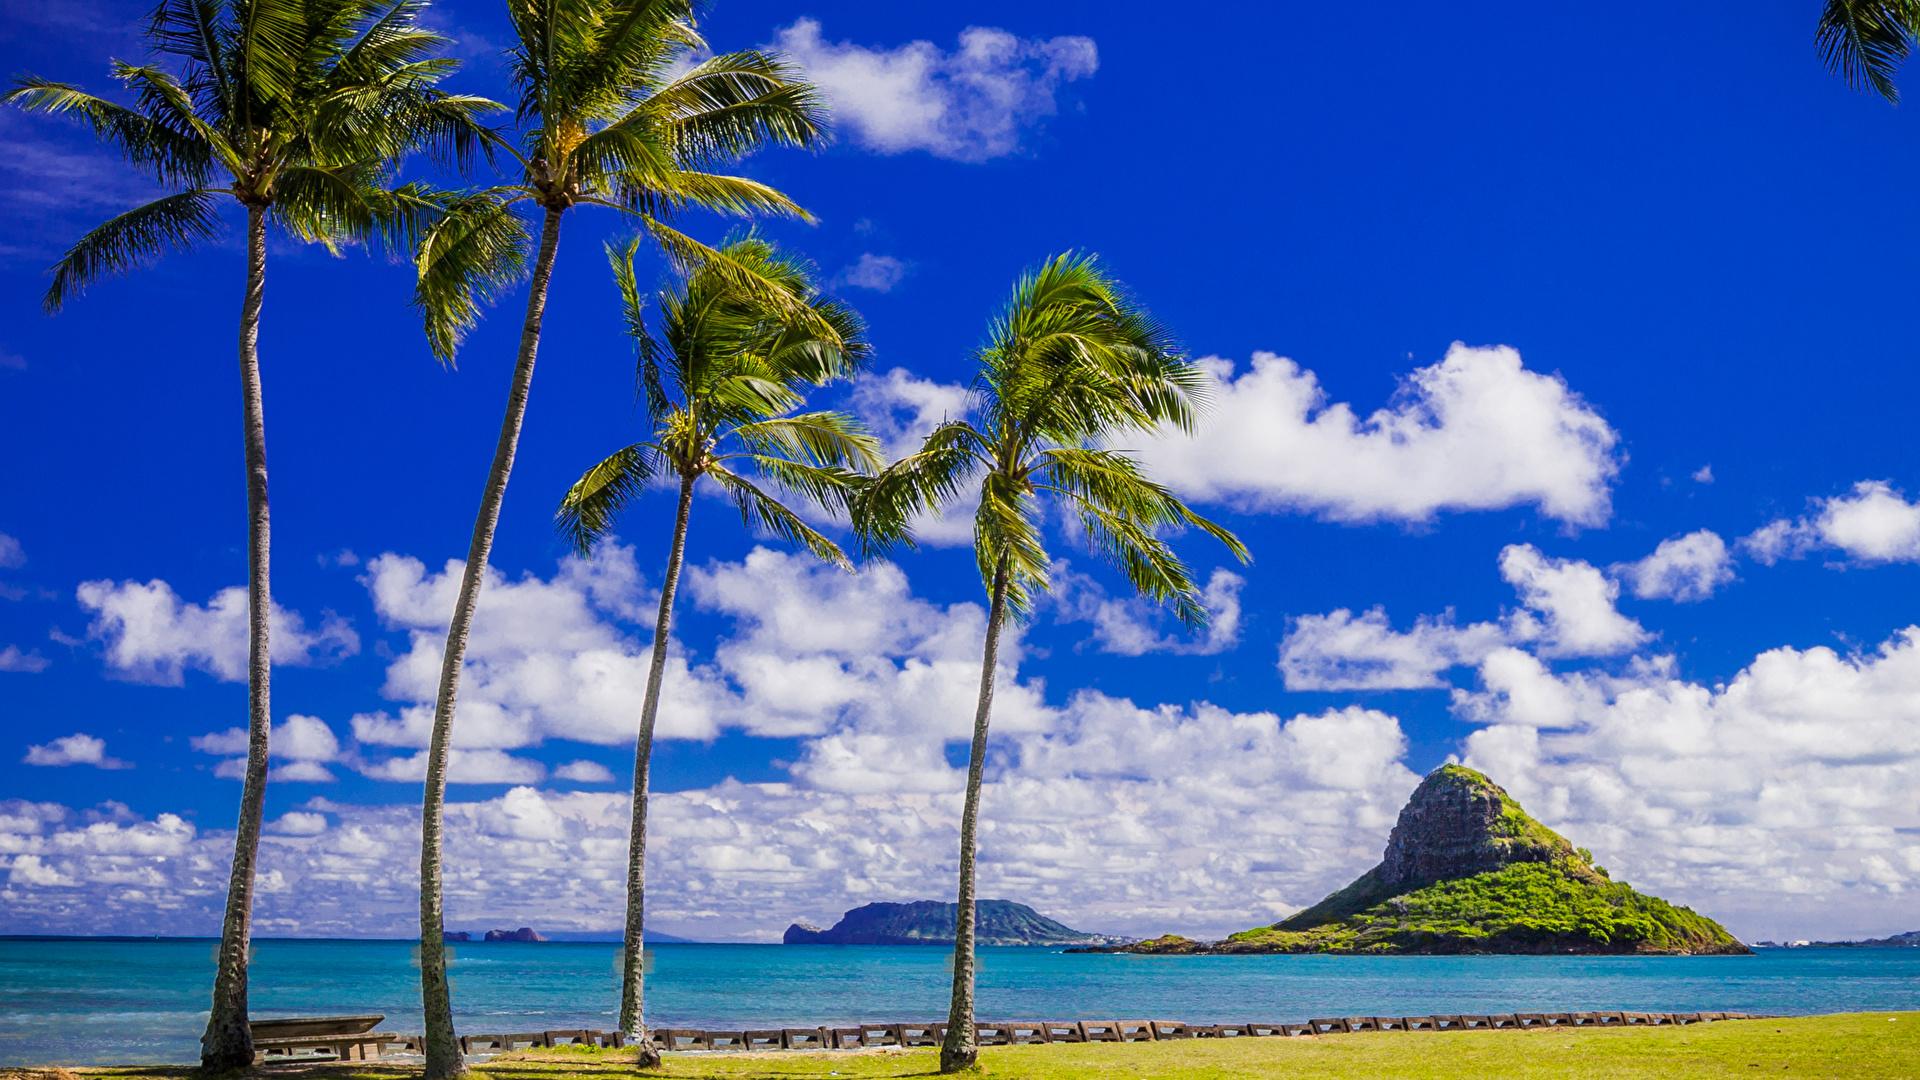 壁紙 19x1080 熱帯 海岸 空 アメリカ合衆国 ハワイ州 ヤシ 雲 自然 ダウンロード 写真